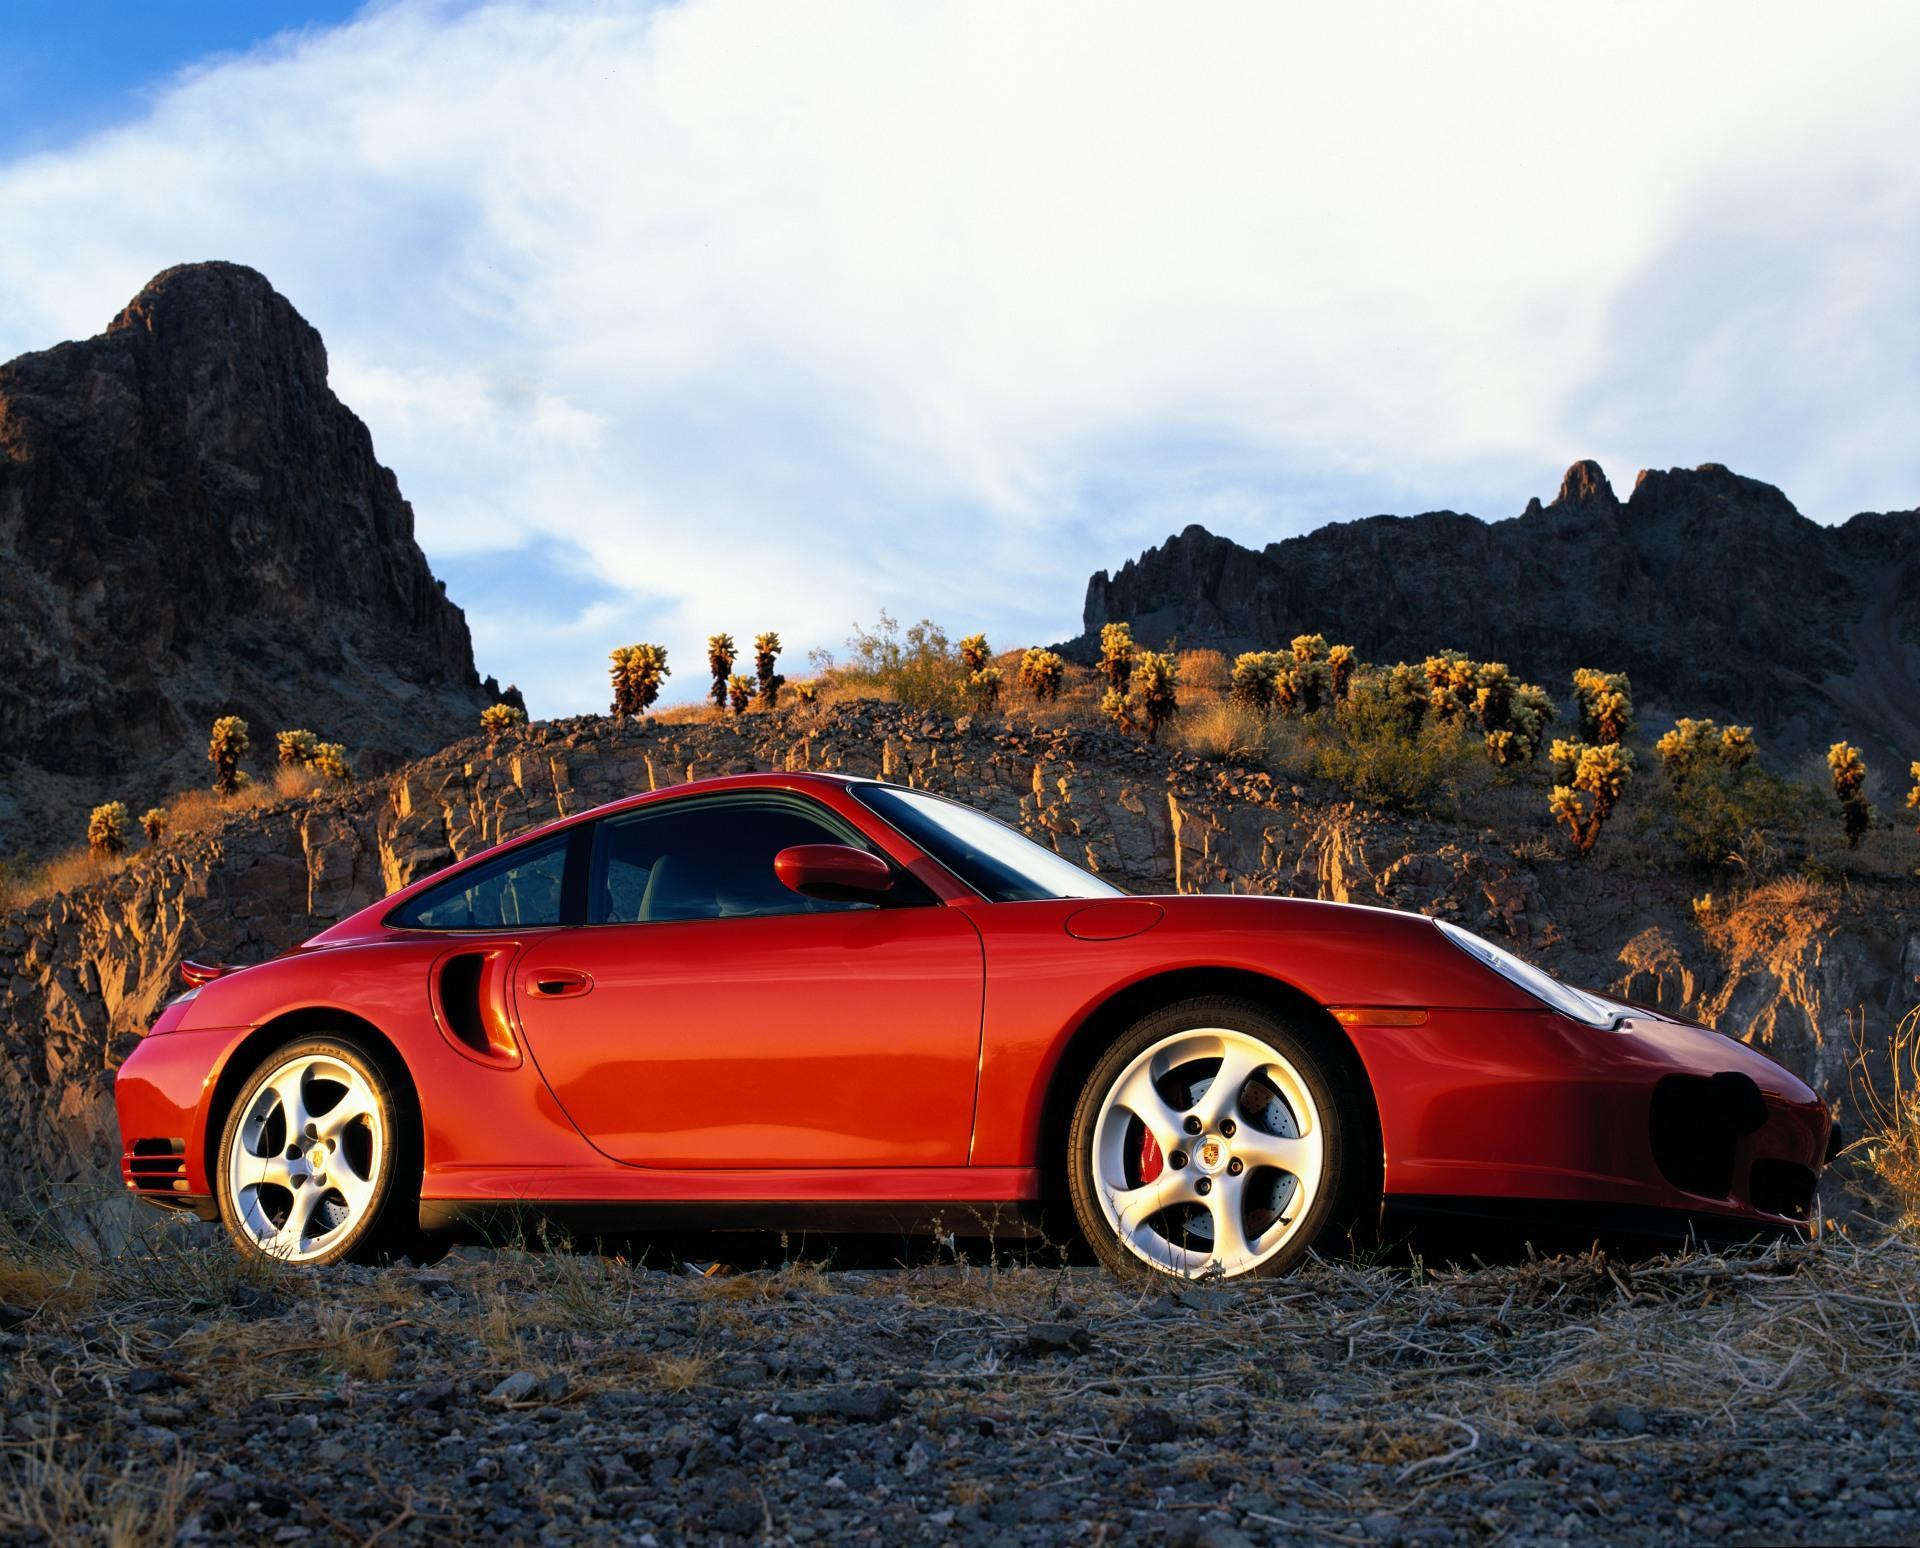 2002-Porsche-911-Turbo-Image-01 Terrific 2002 Porsche 911 Carrera Turbo Gt2 X50 Cars Trend